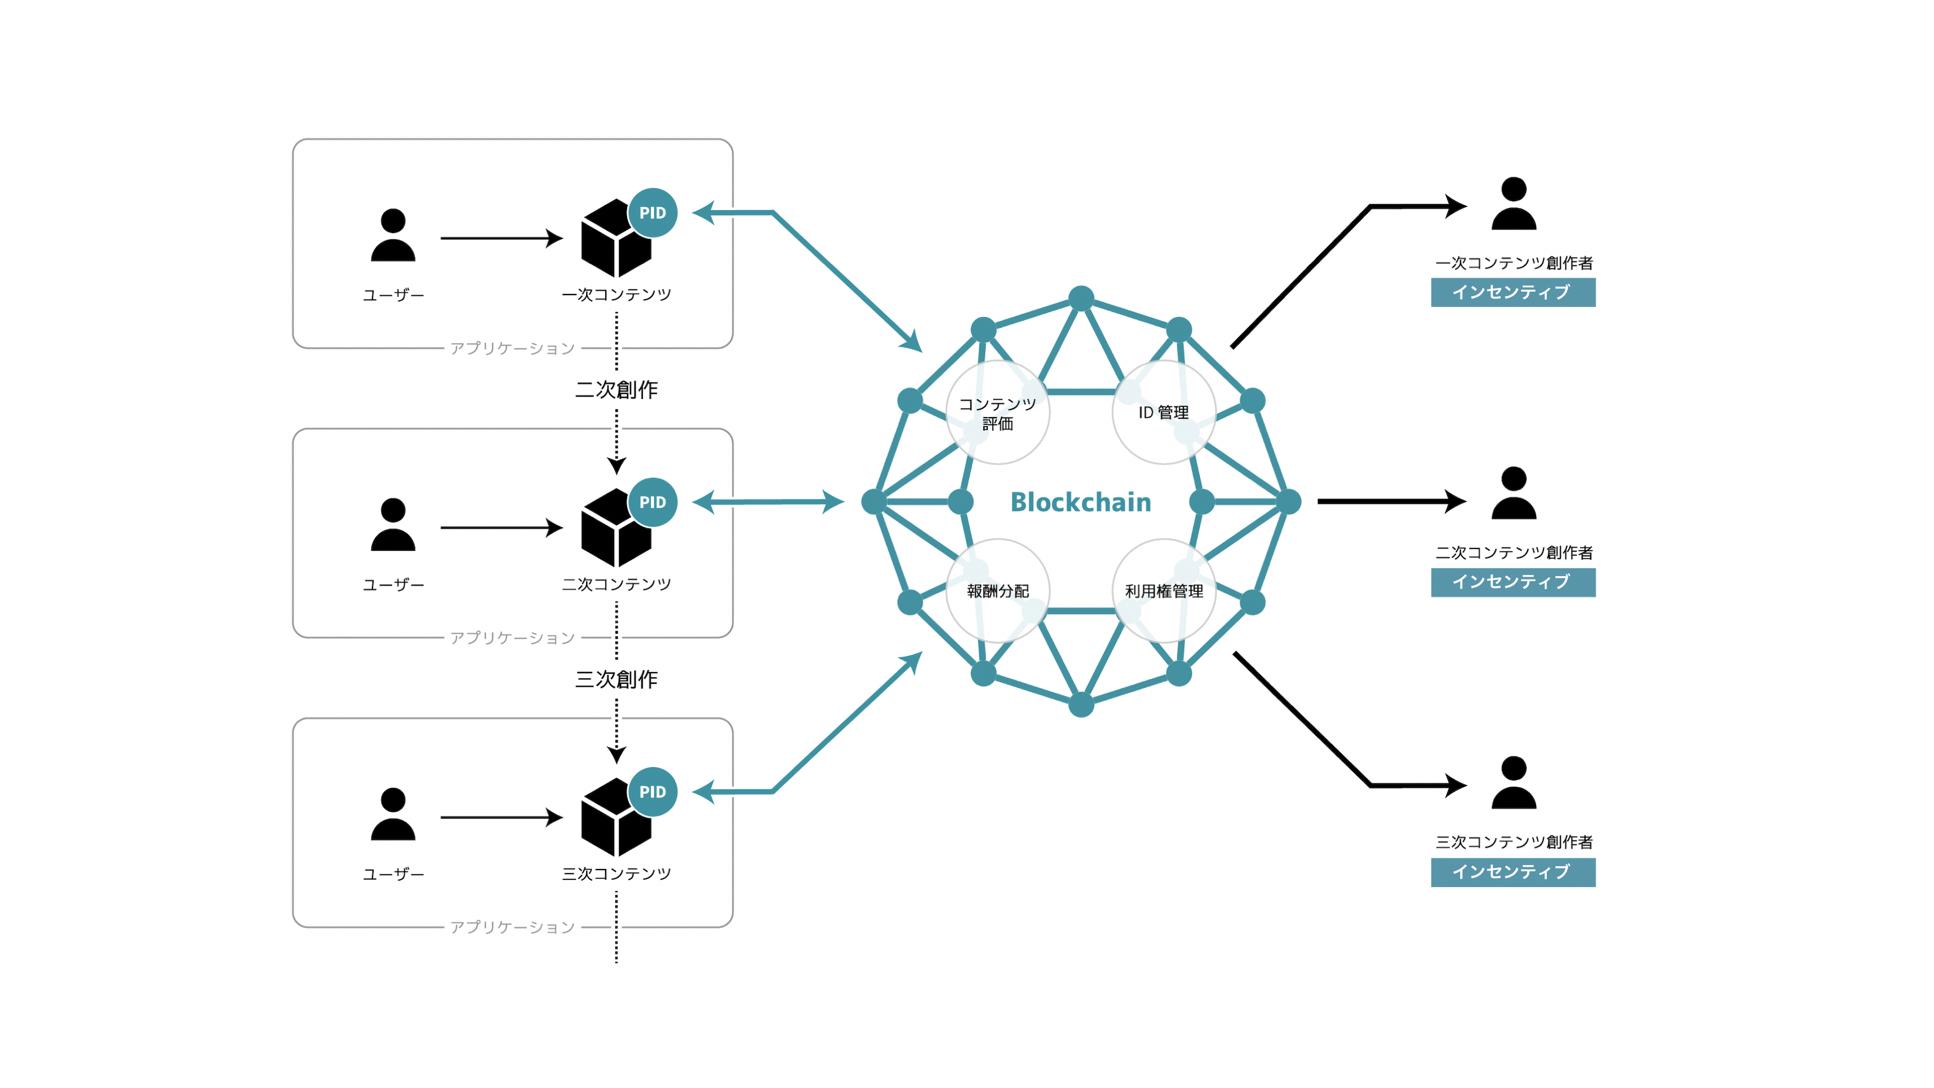 電通等がブロックチェーンを活用したコンテンツのマネタイズについて共同研究プロジェクト「n次流通プロジェクト」を開始